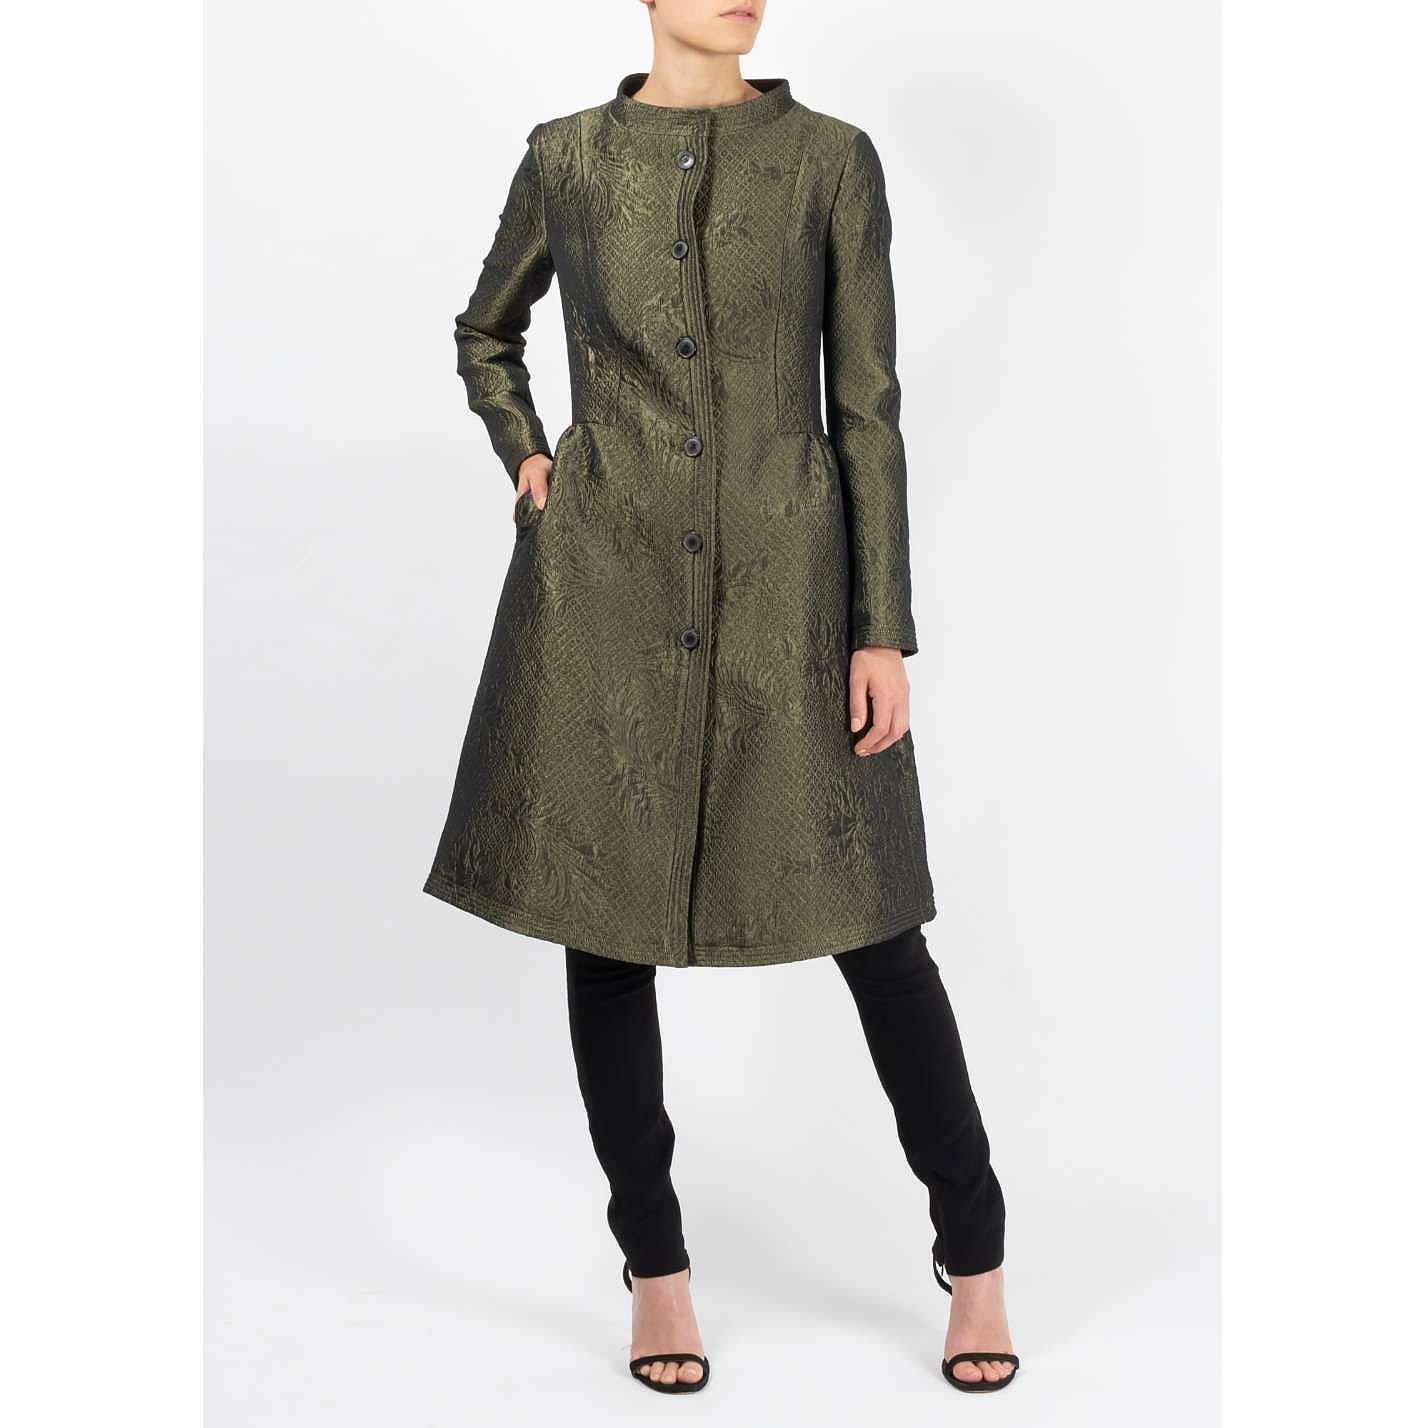 Temperley London Jacquard Dress Coat